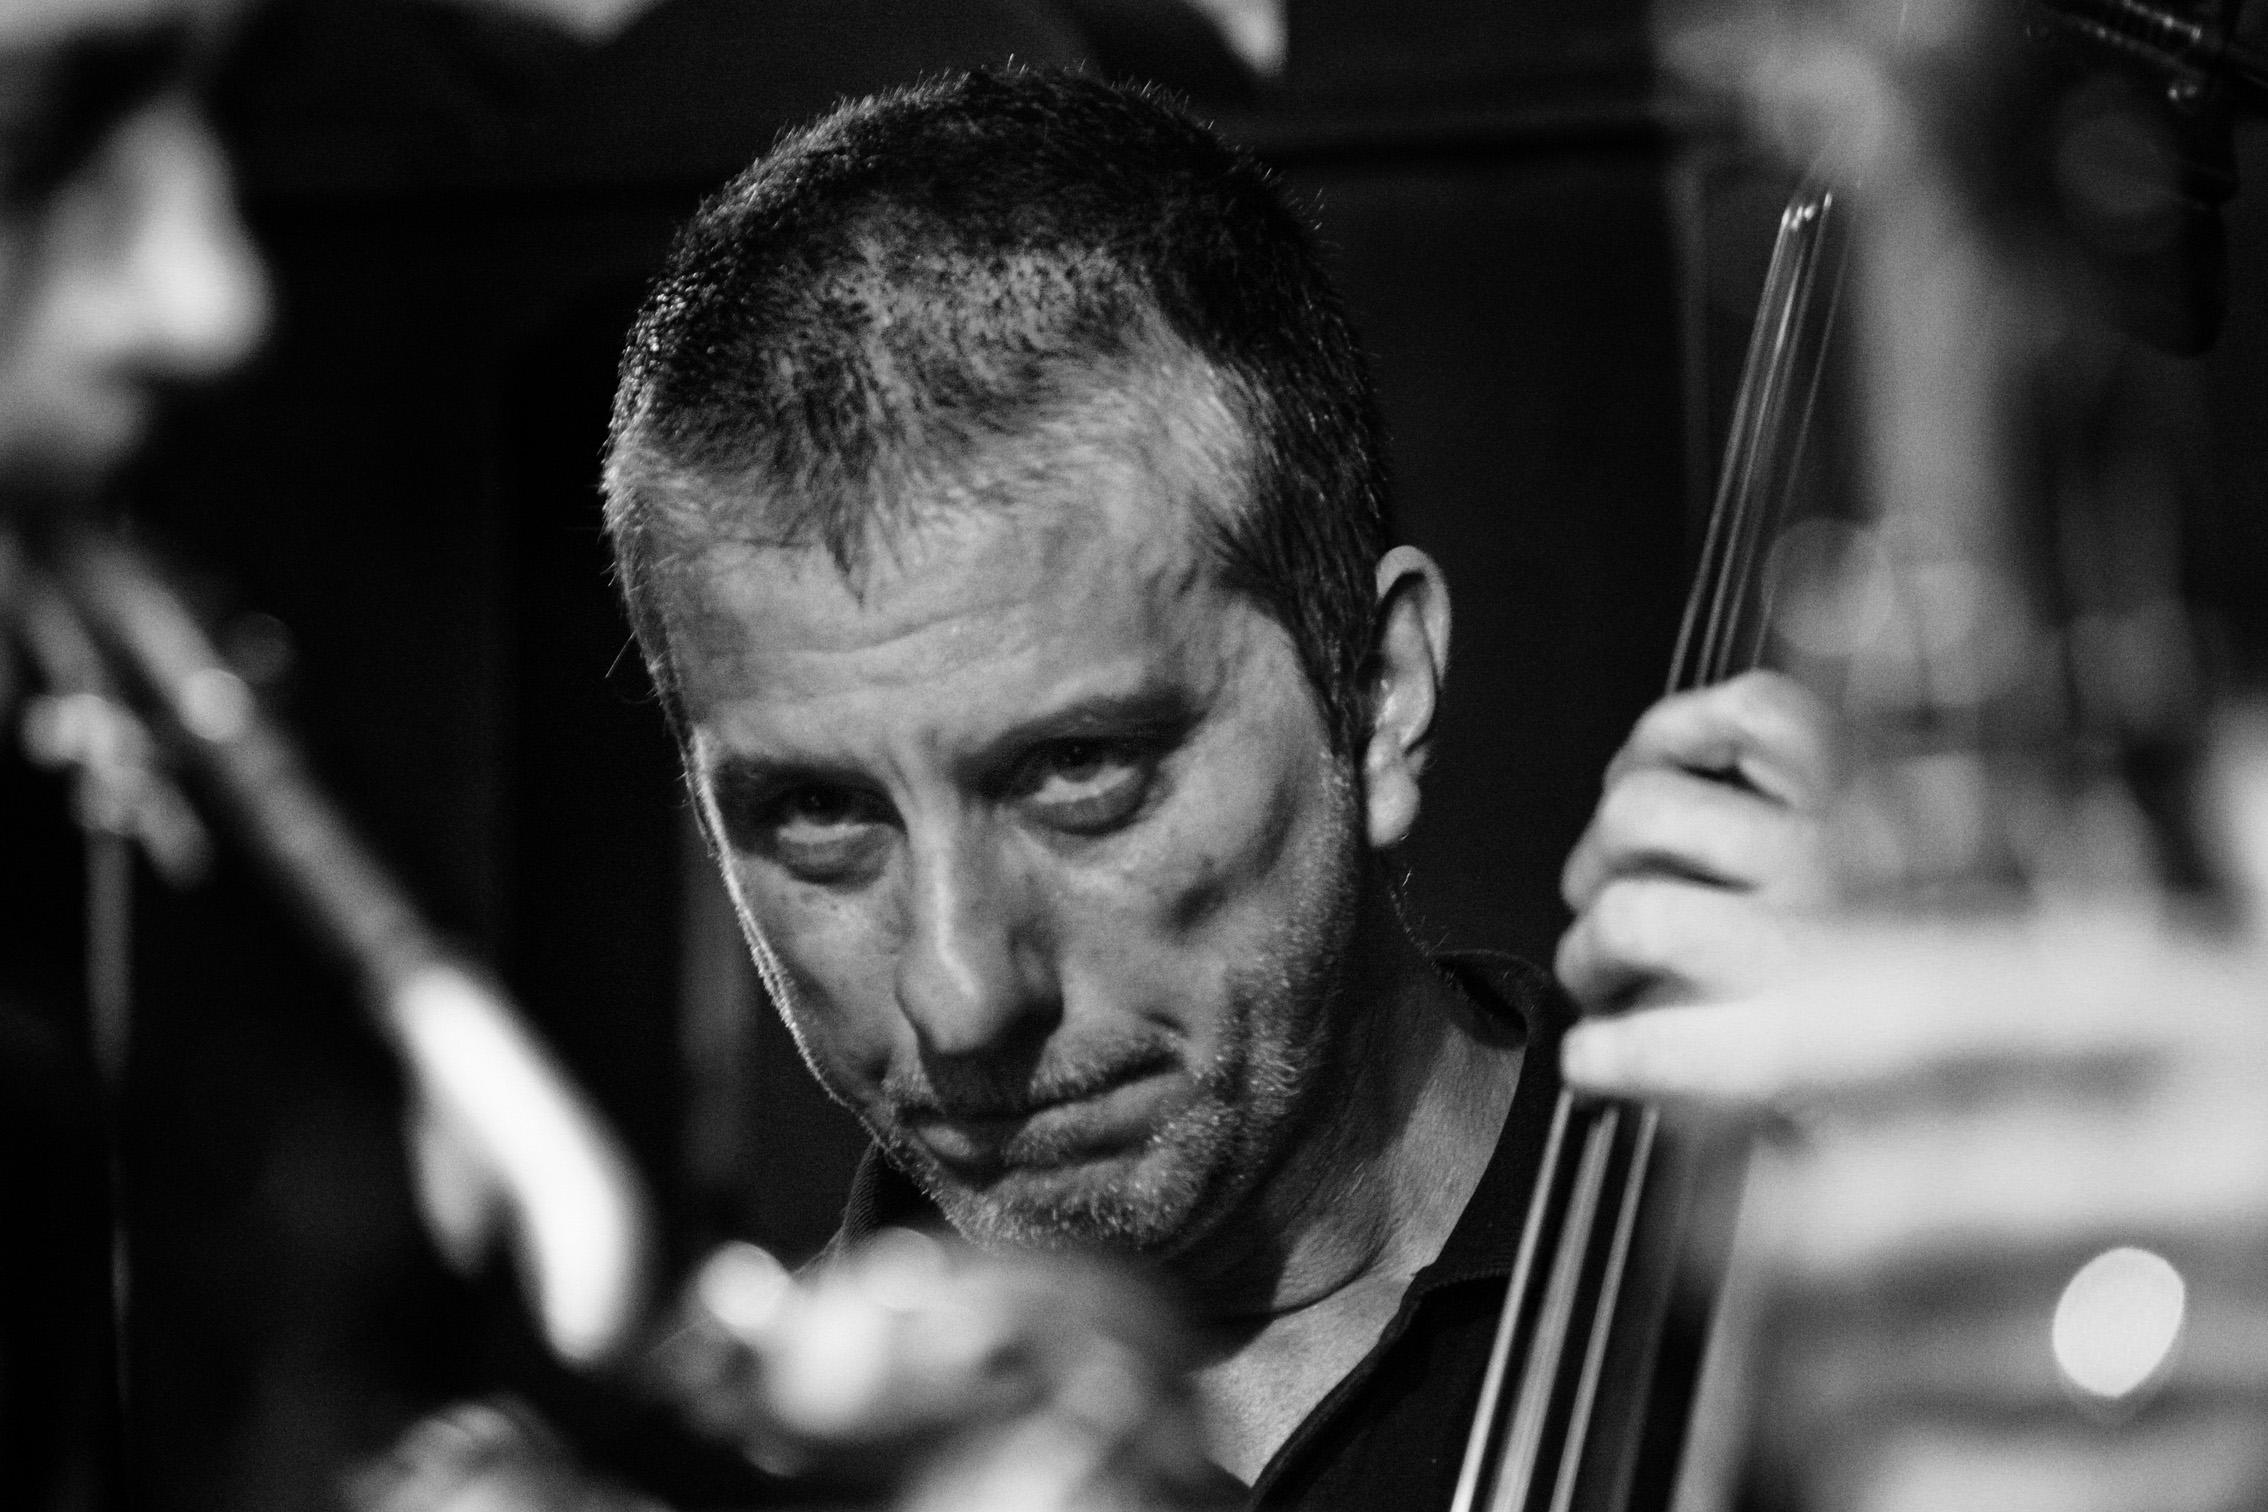 David Mengual